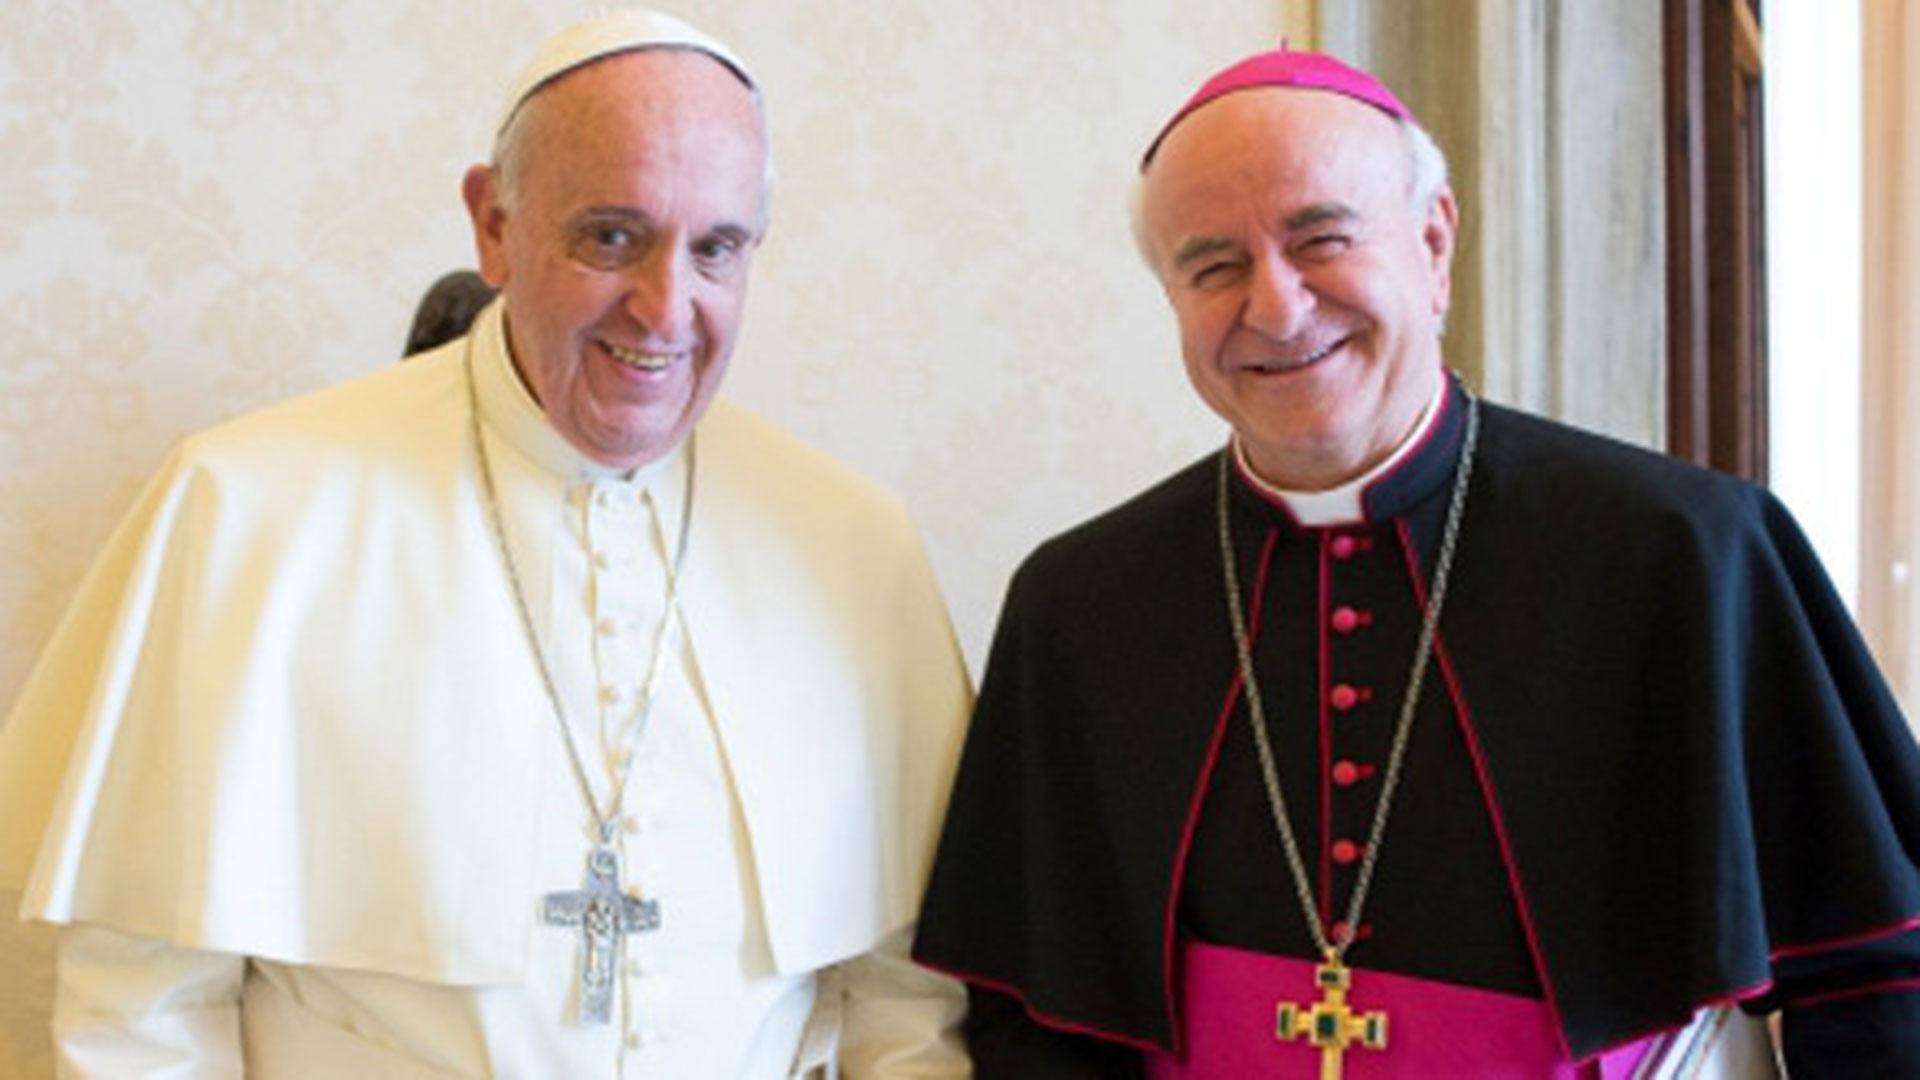 El papa Francisco junto a monseñor Vincenzo Paglia, director de la Pontificia Academia para la Vida